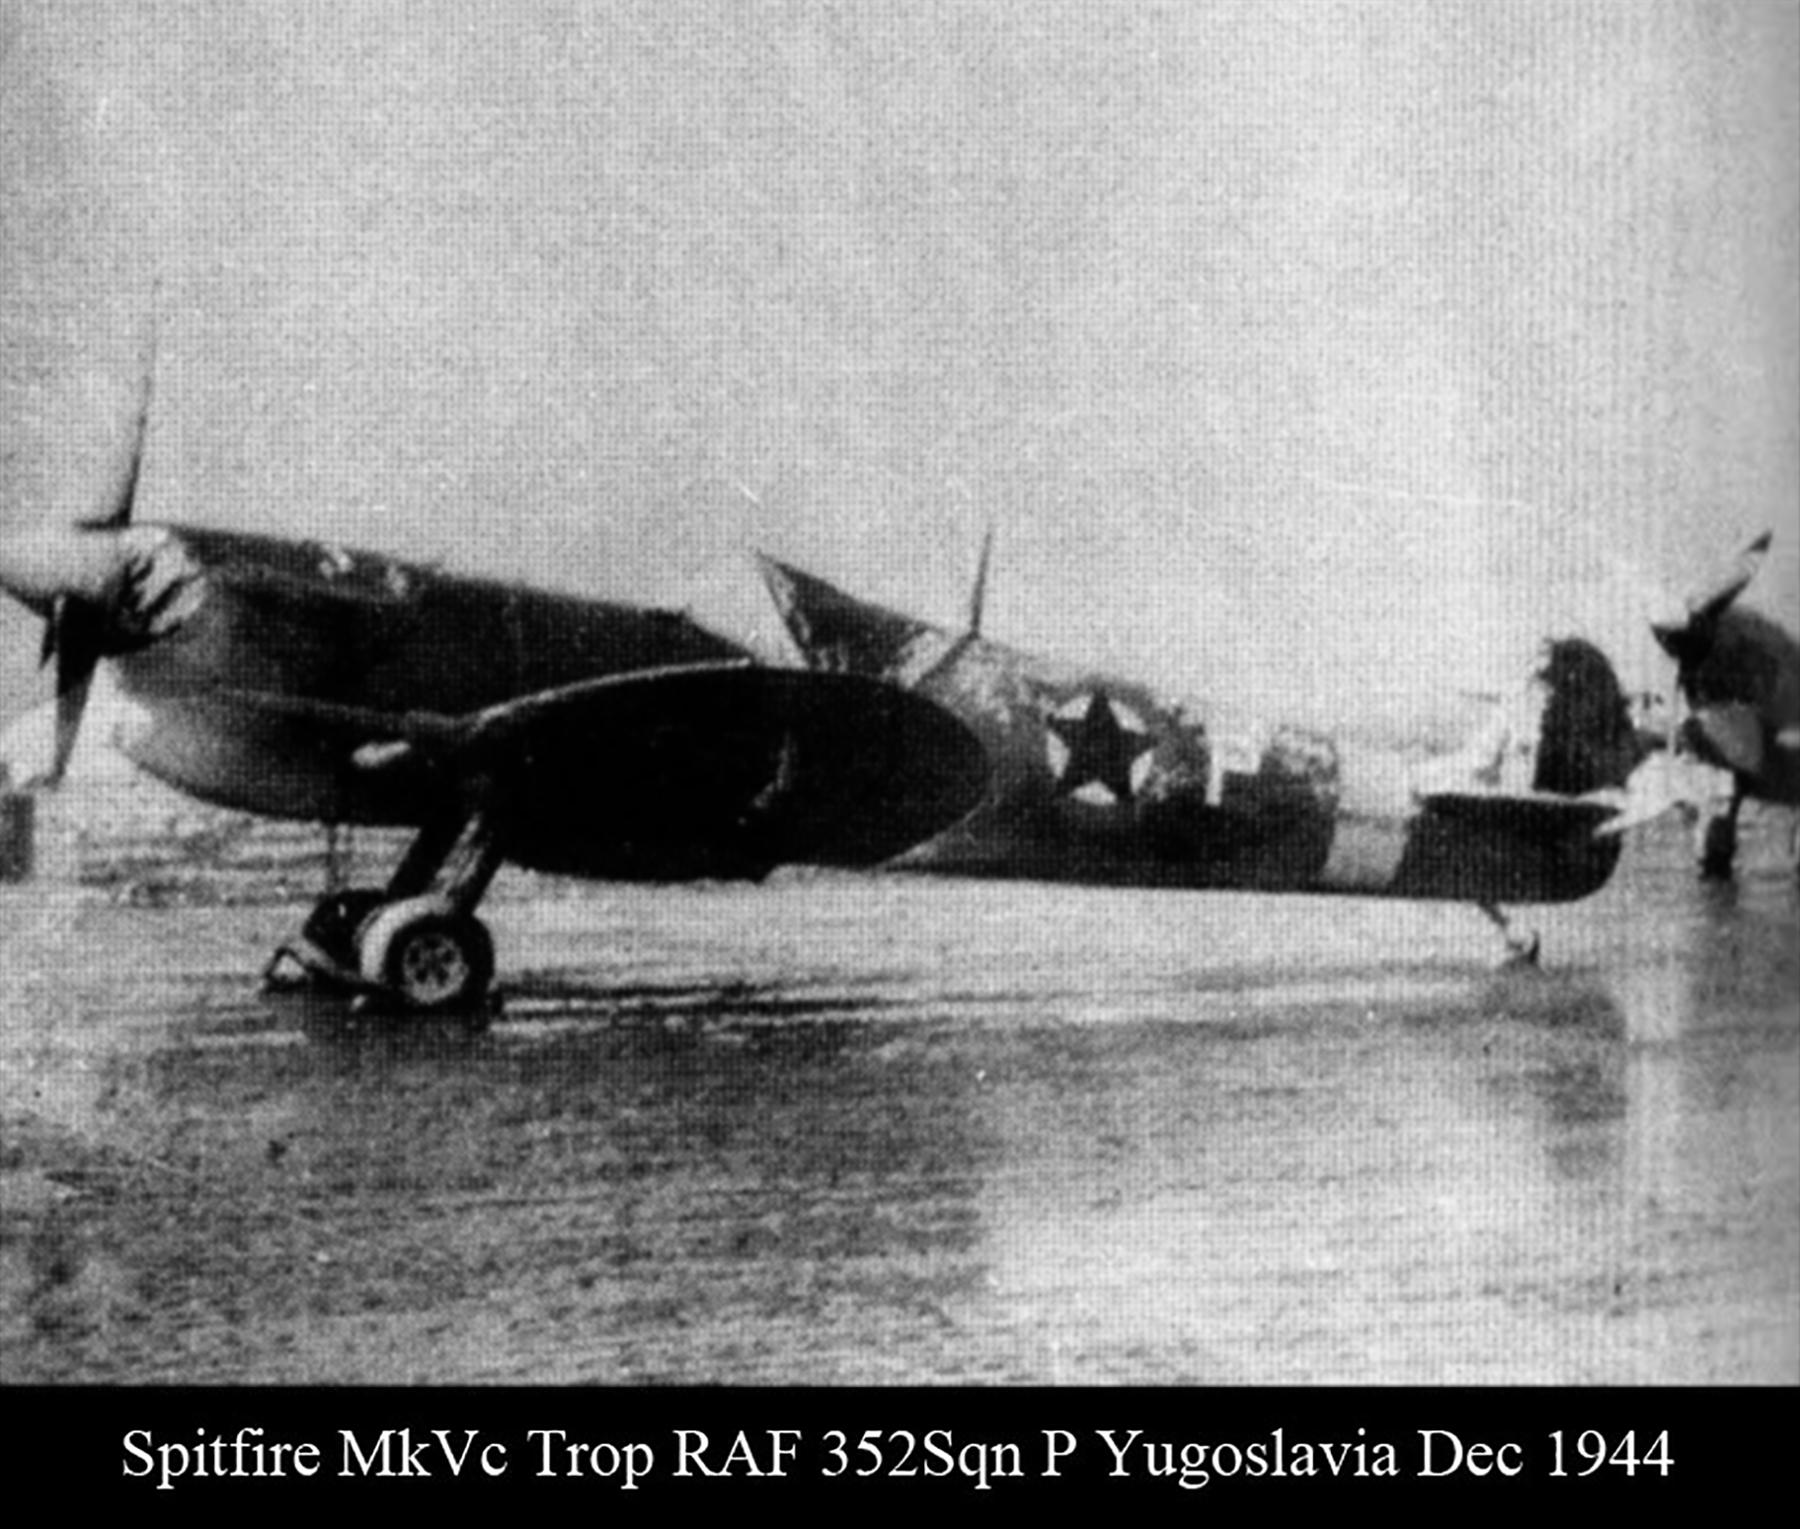 Spitfire MkVcTrop RAF 352Sqn P Yugoslavia Dec 1944 01